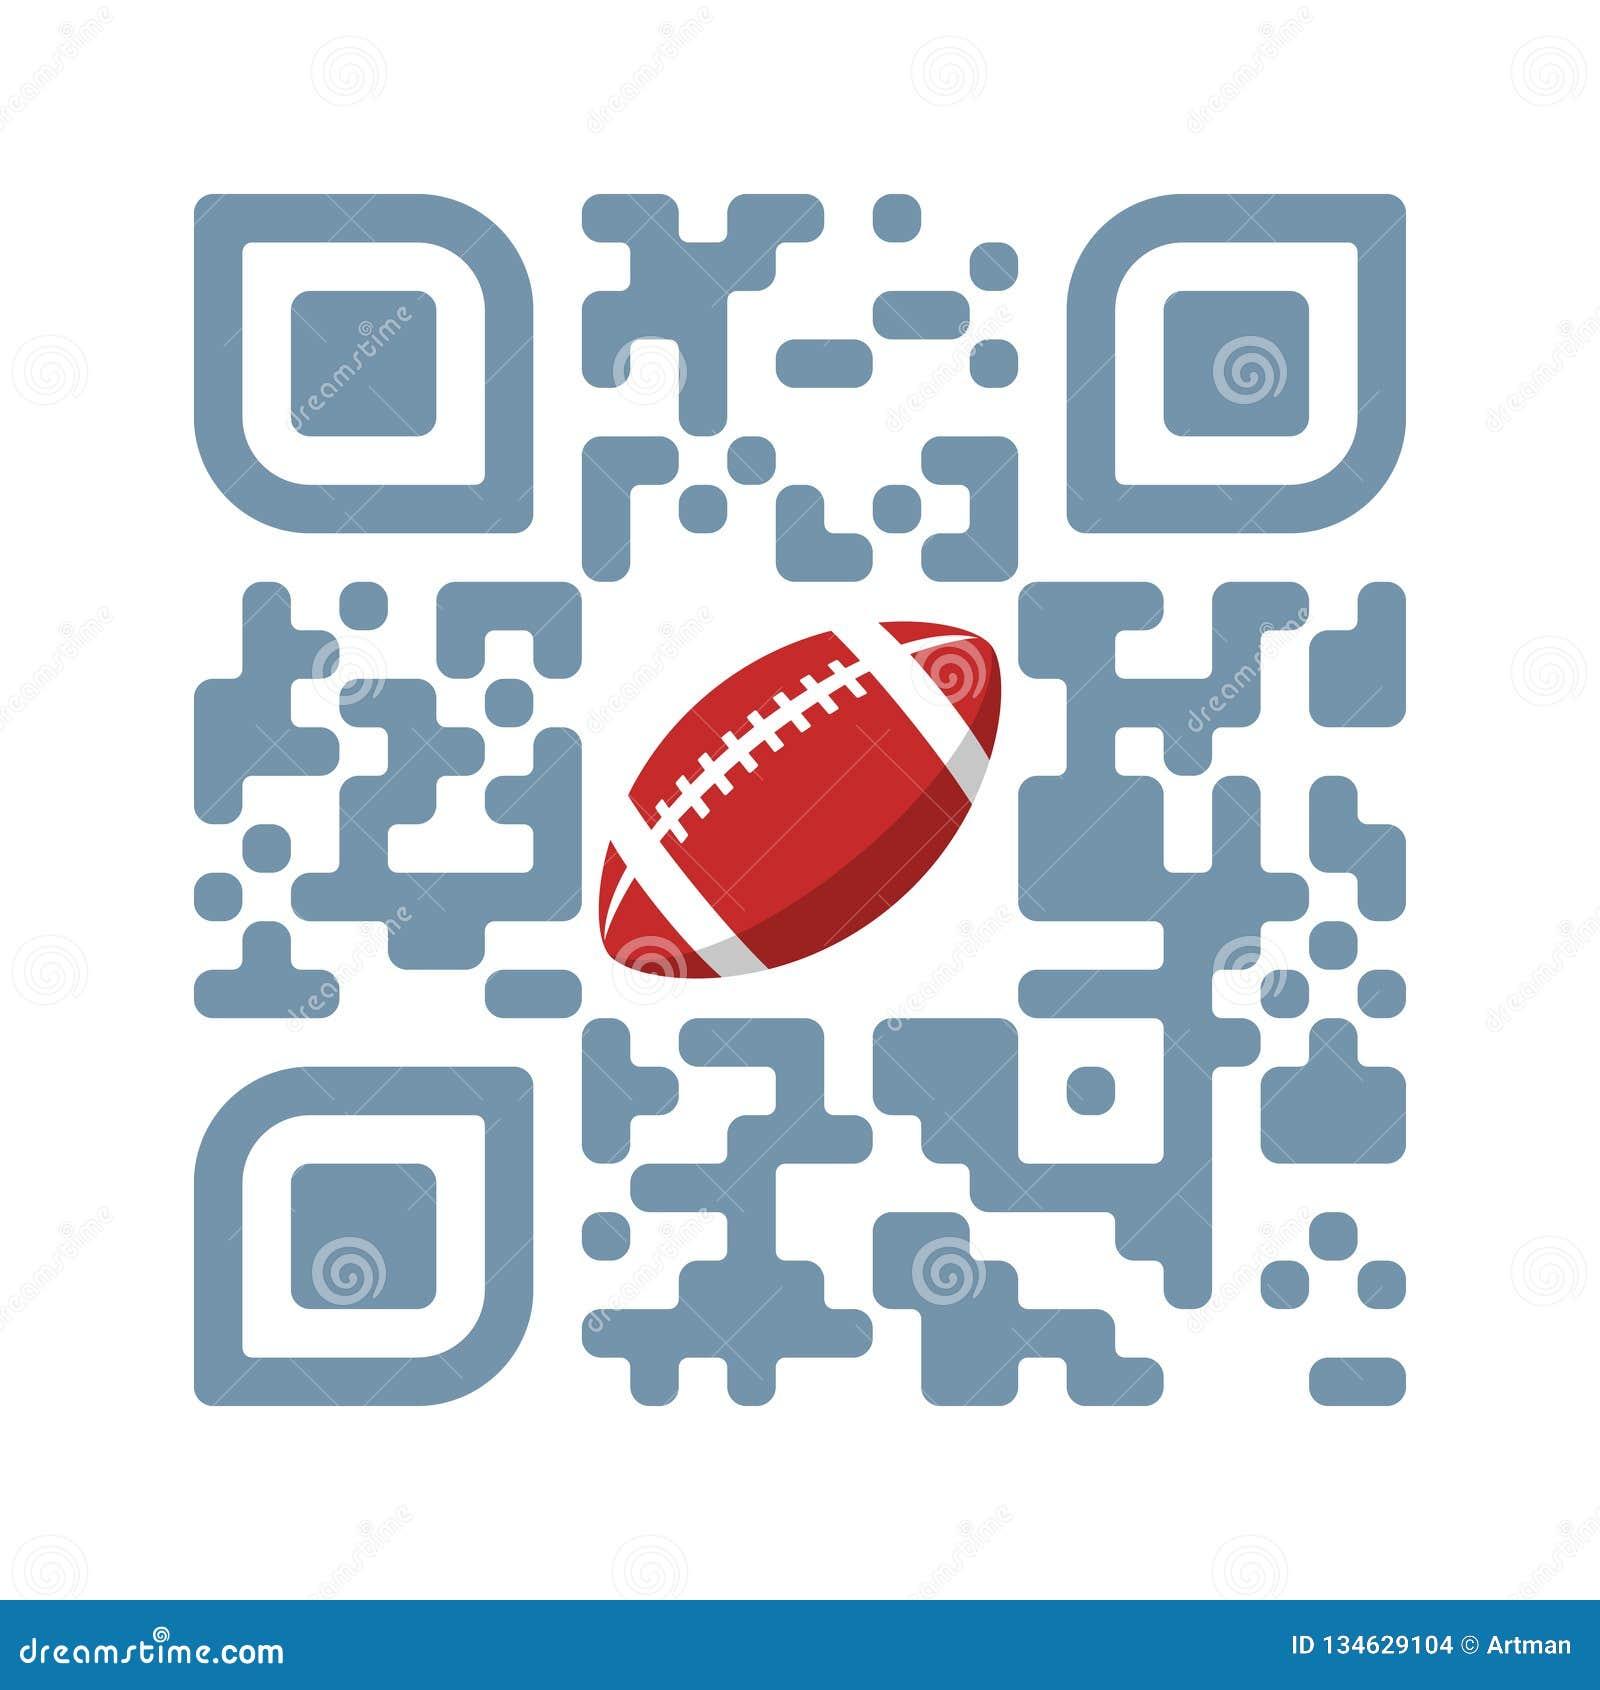 Fútbol legible del juego del código de Smartphone QR con el icono de la bola